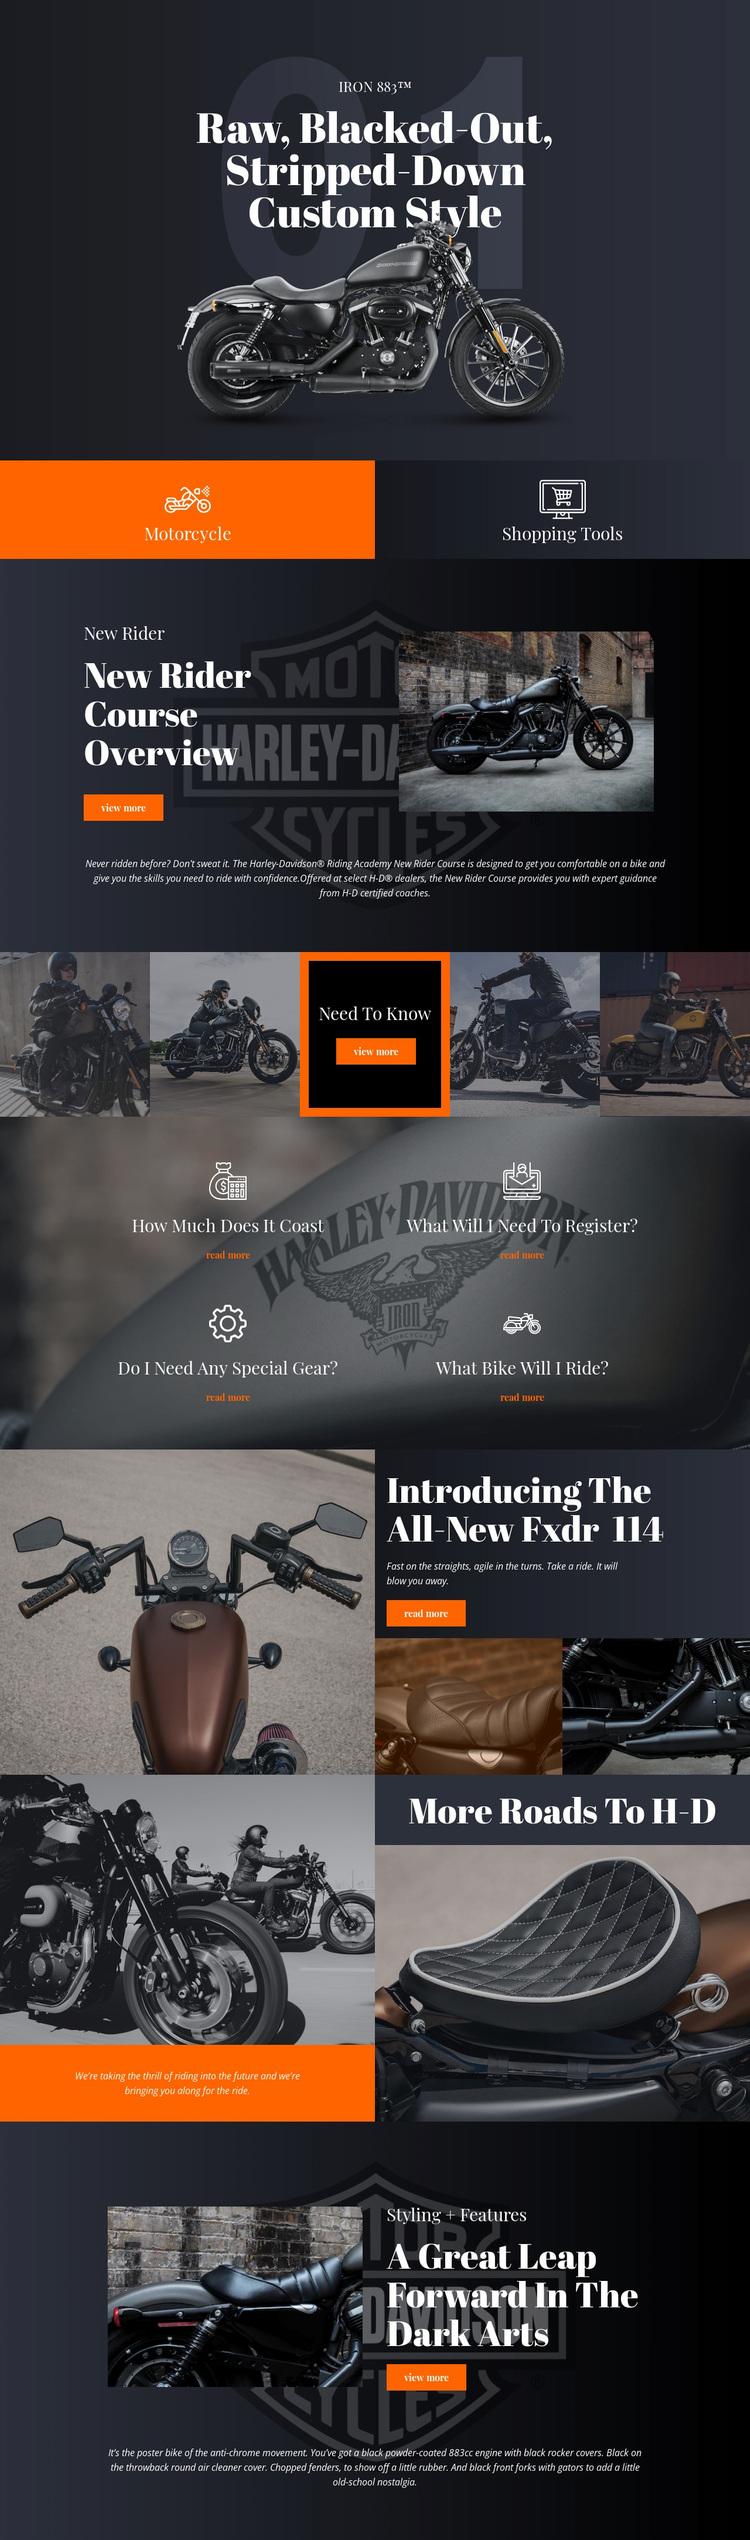 Harley Davidson Website Design